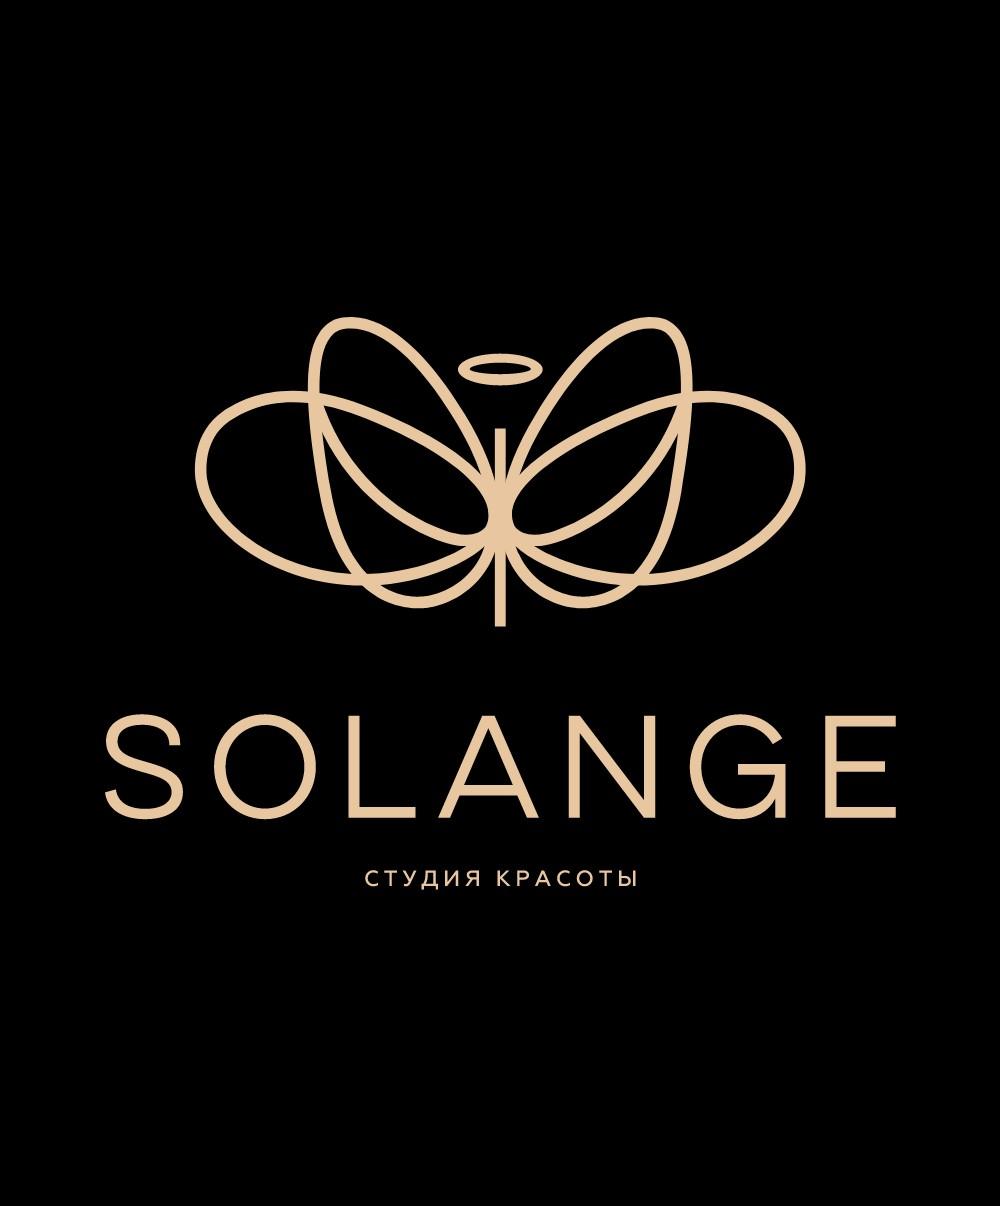 Project of Студия красоты «Solange»